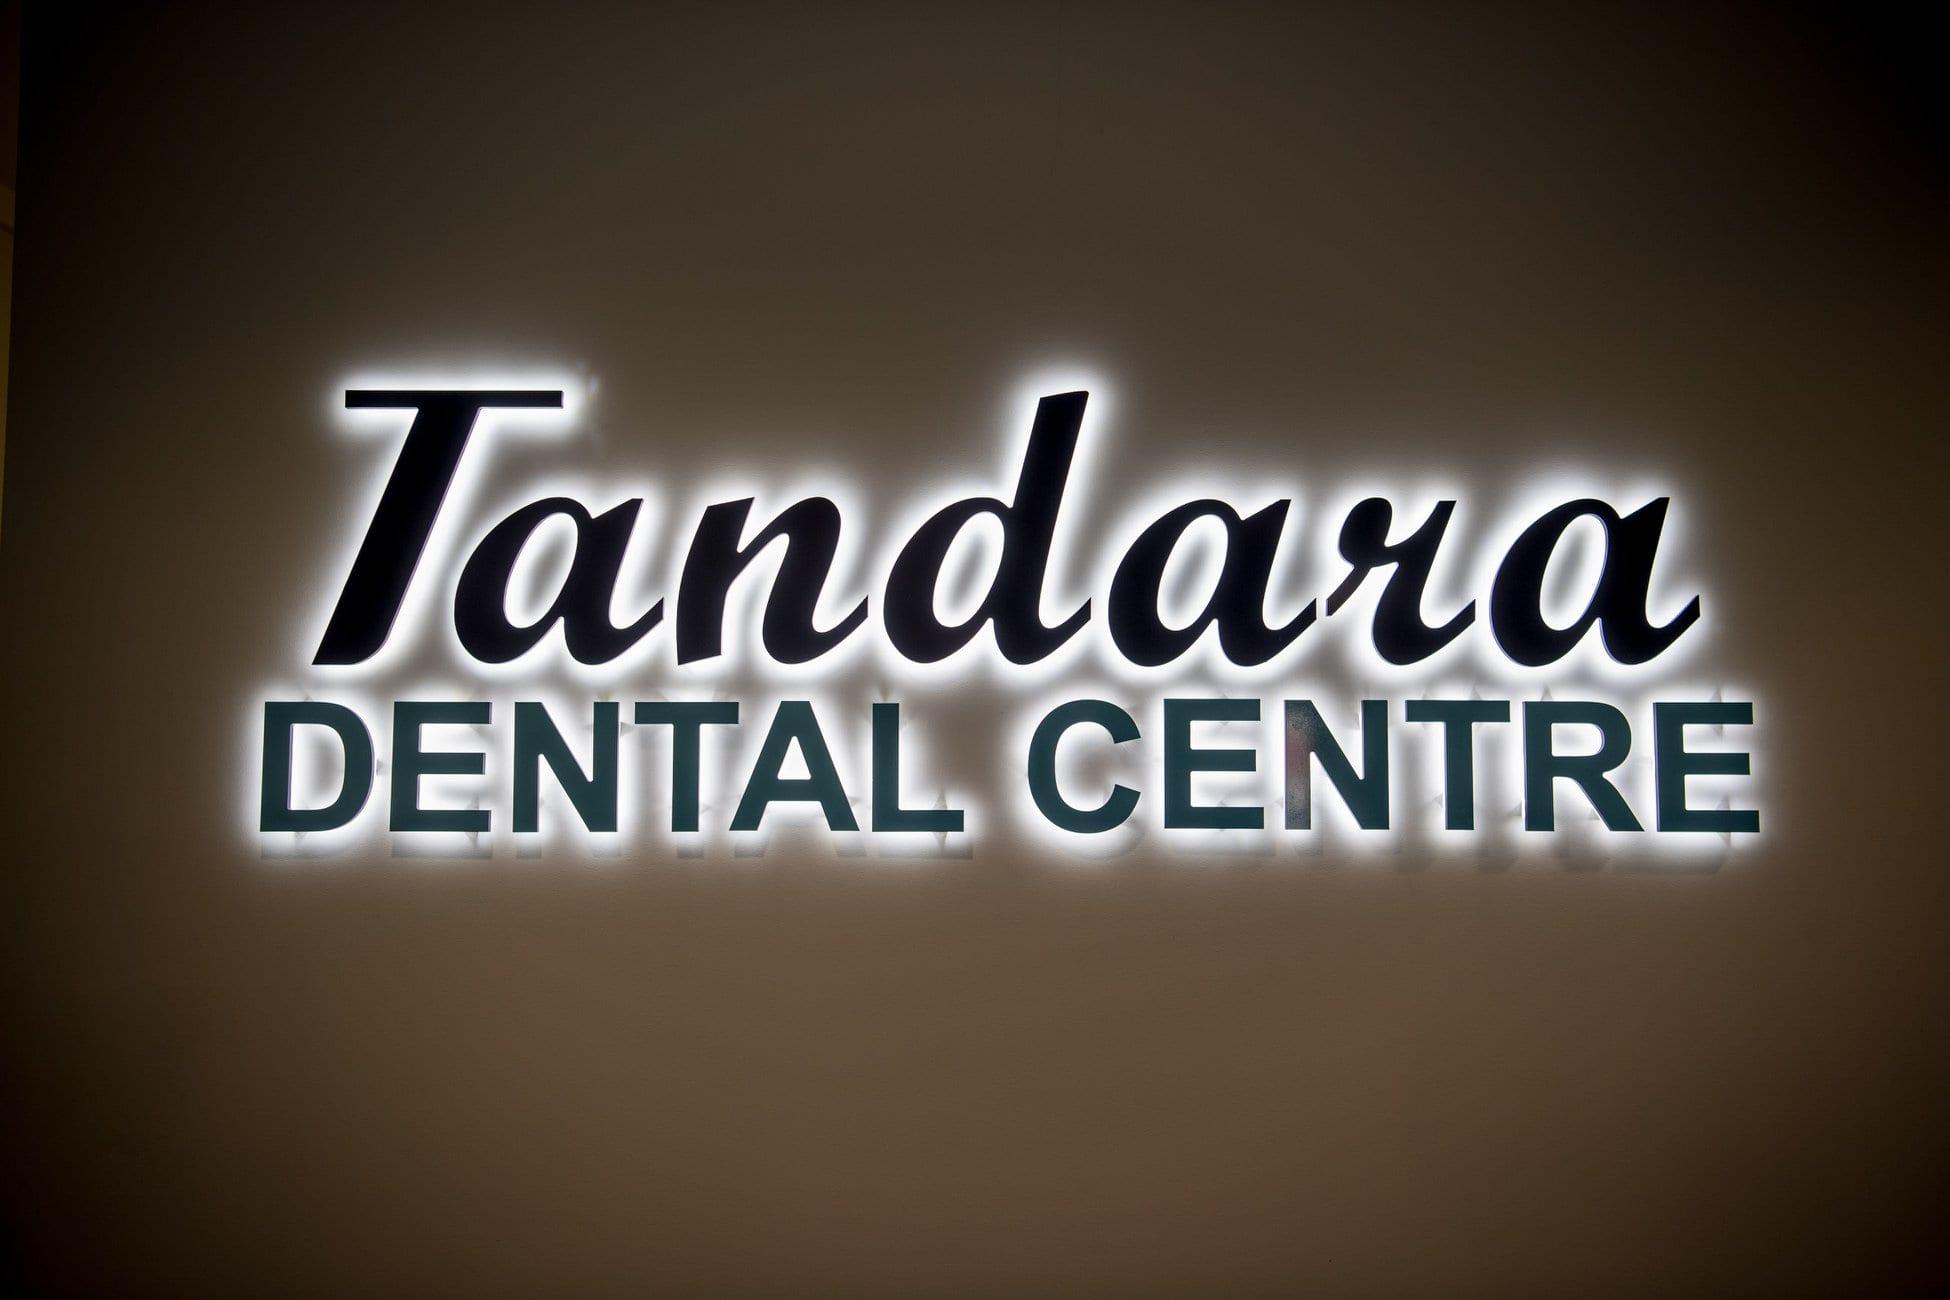 Tandara Dental